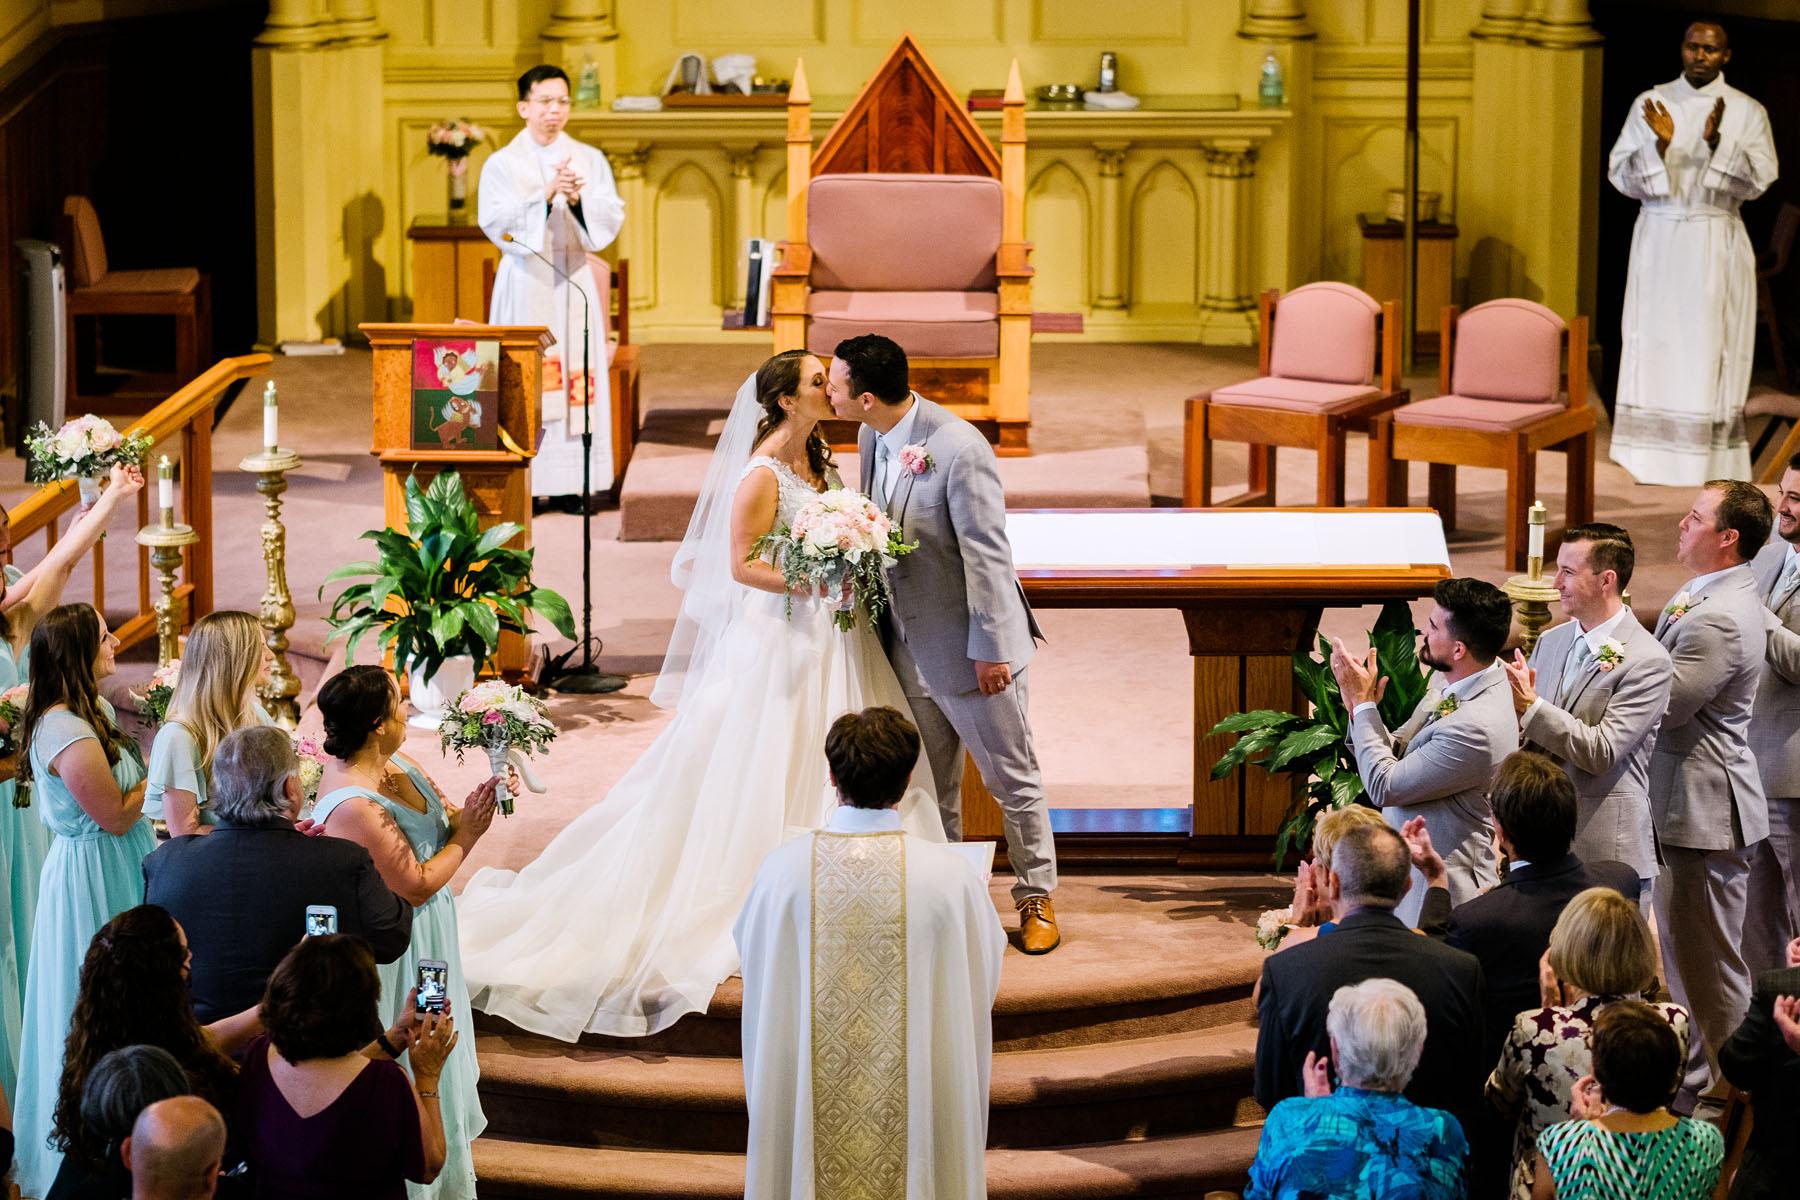 8-11-18 Vanessa and Andrew - 90.jpg